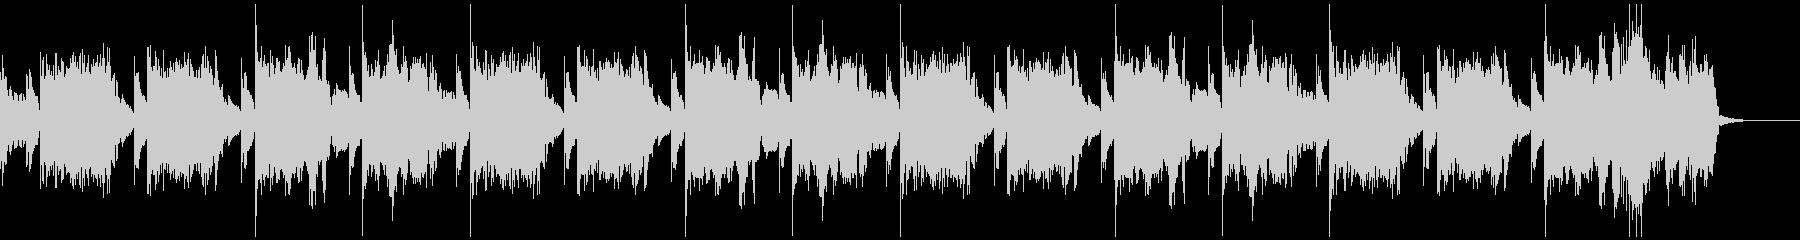 30秒 軽快なハウスミュージックの未再生の波形